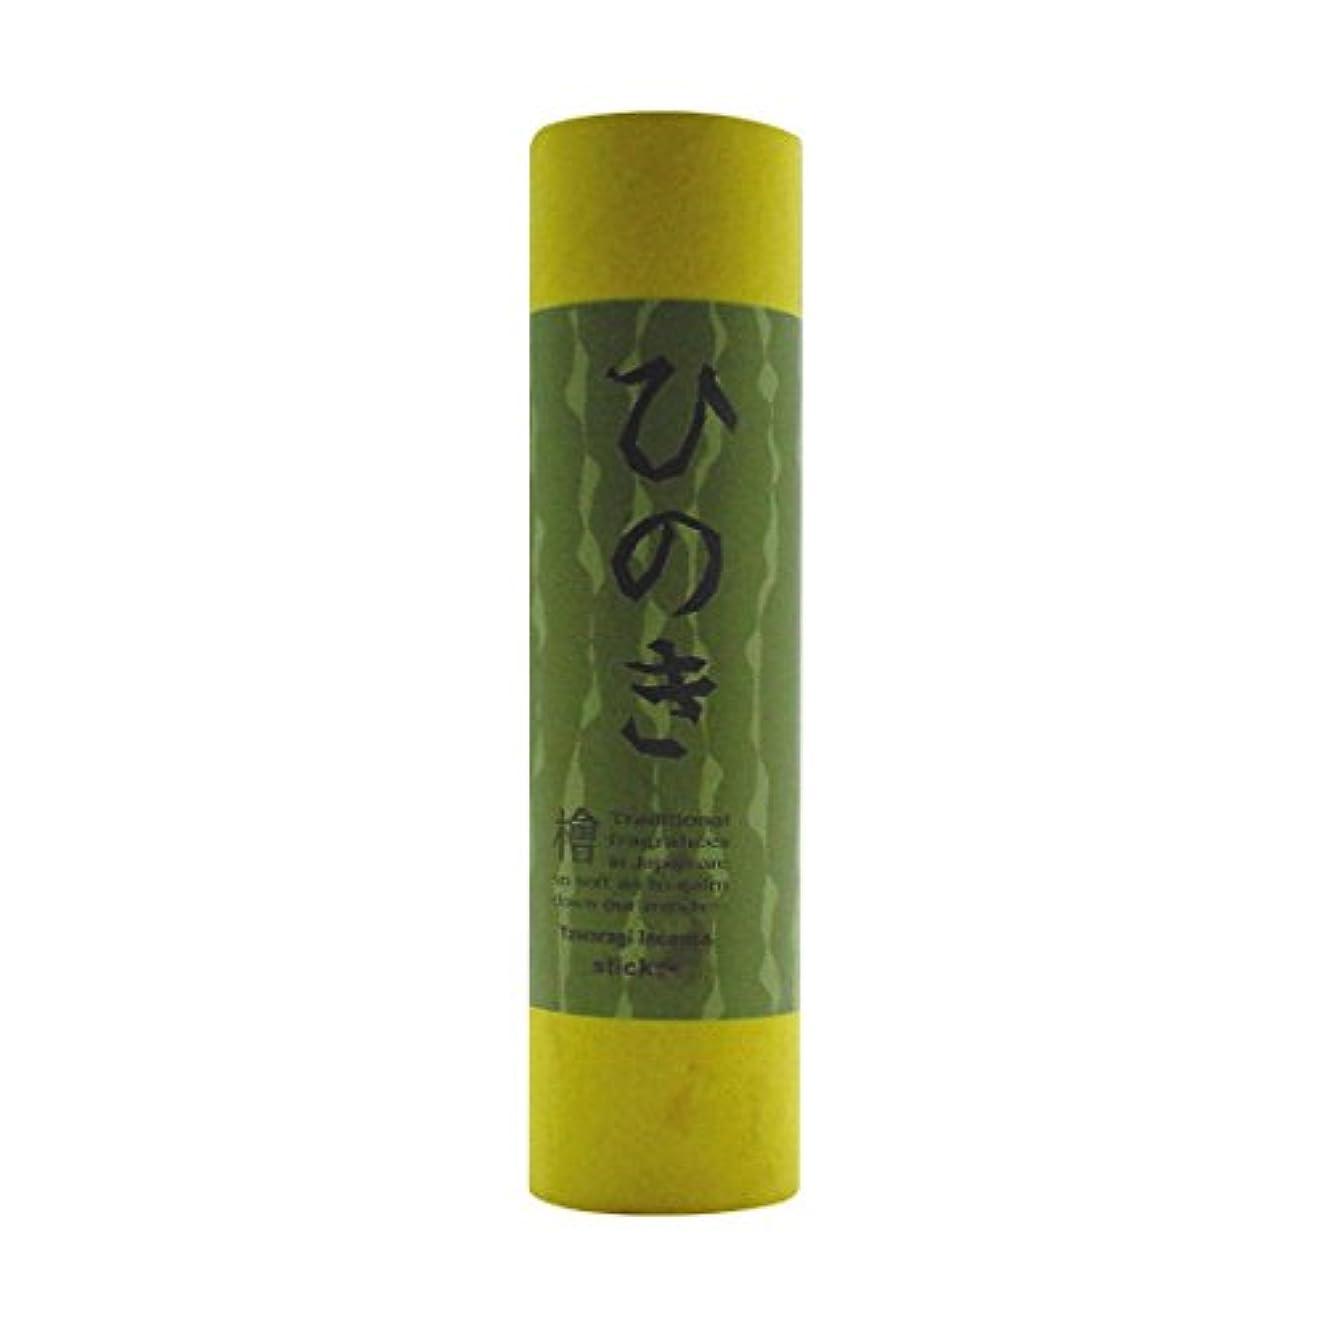 人形閉塞有効な和のお香 スティック ひのき 15本(スティックタイプインセンス)